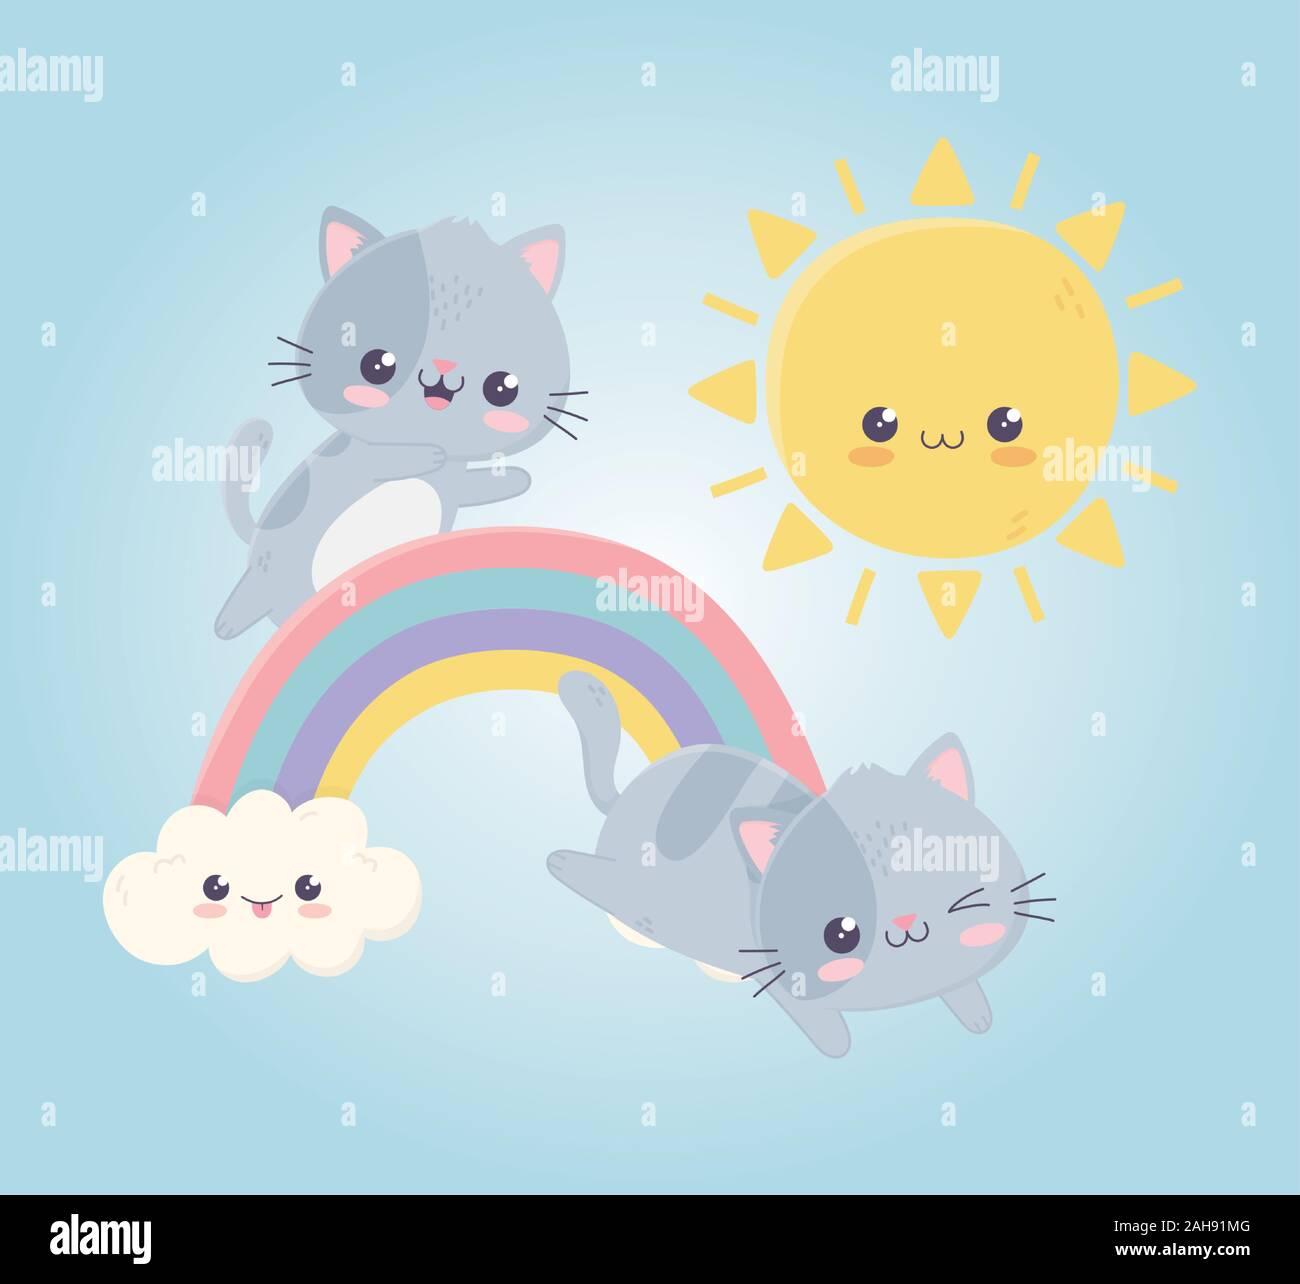 Kawaii Cute Dibujos Animados Gatos Jugando En El Rainbow Sun